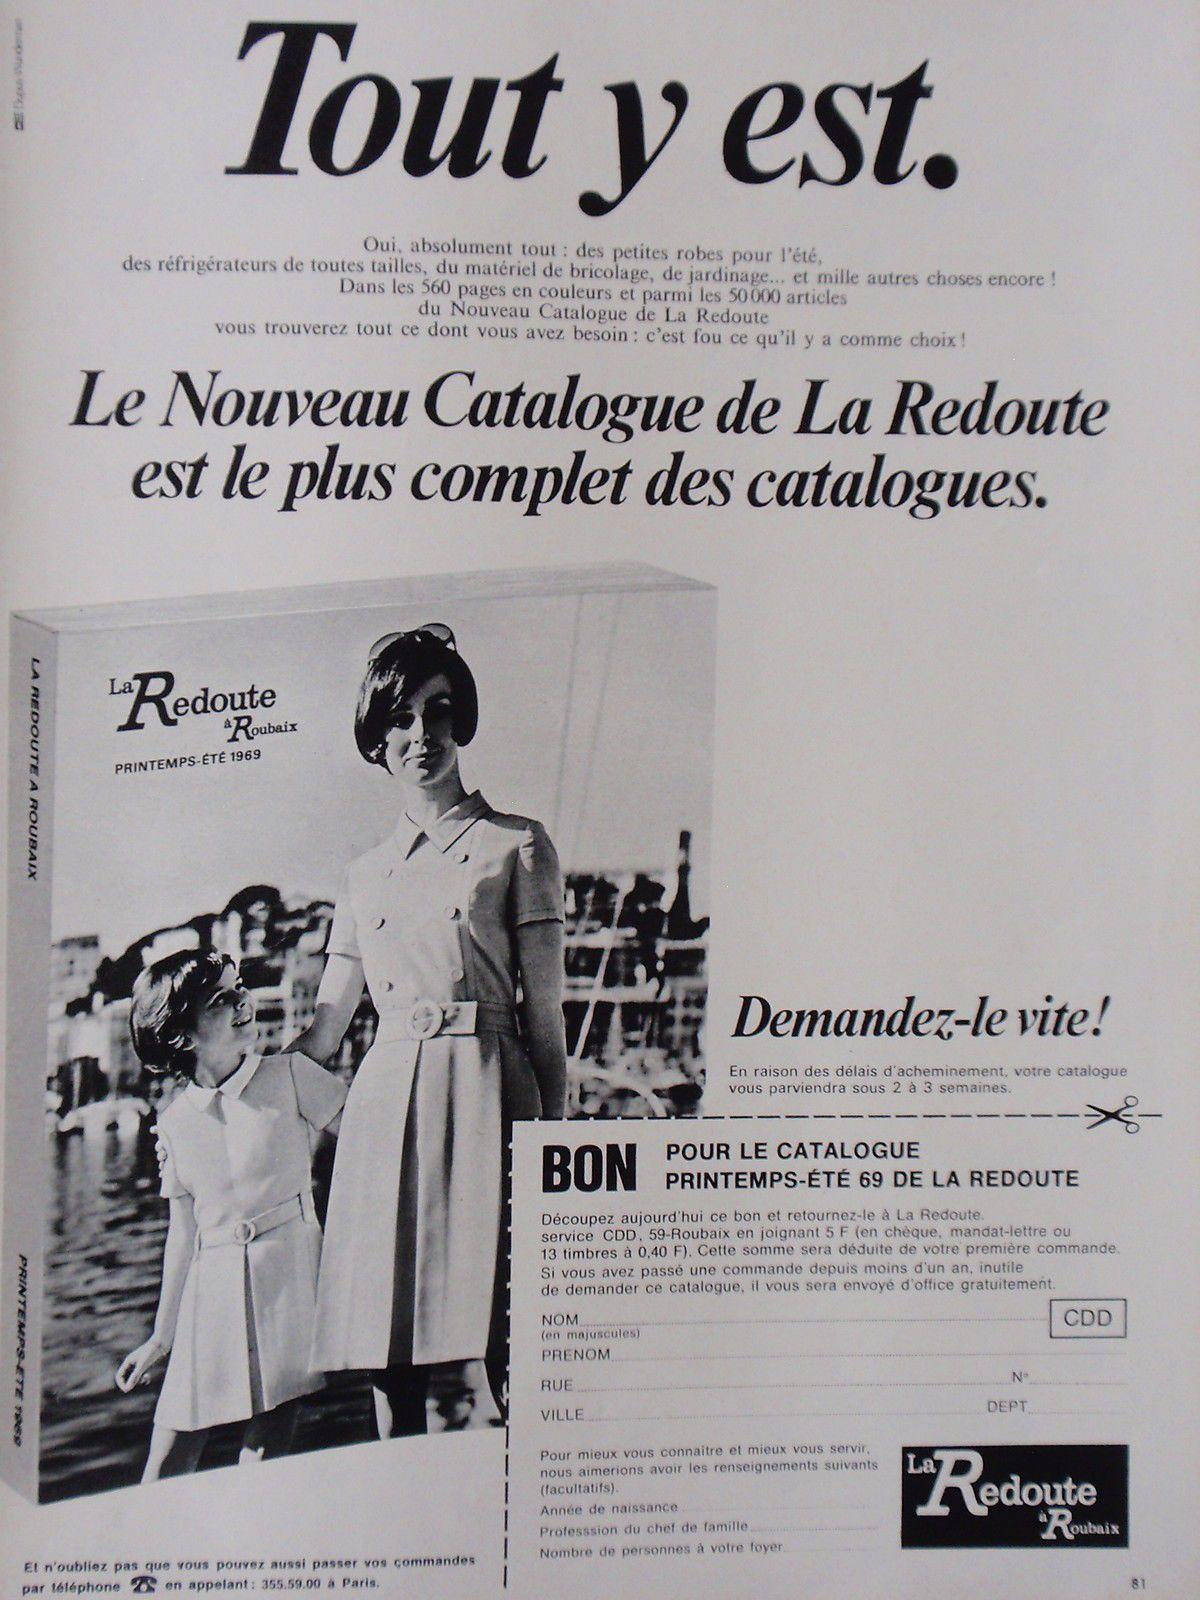 publicité advertising la redoute catalogue 1969 rÉf 6402 | ebay